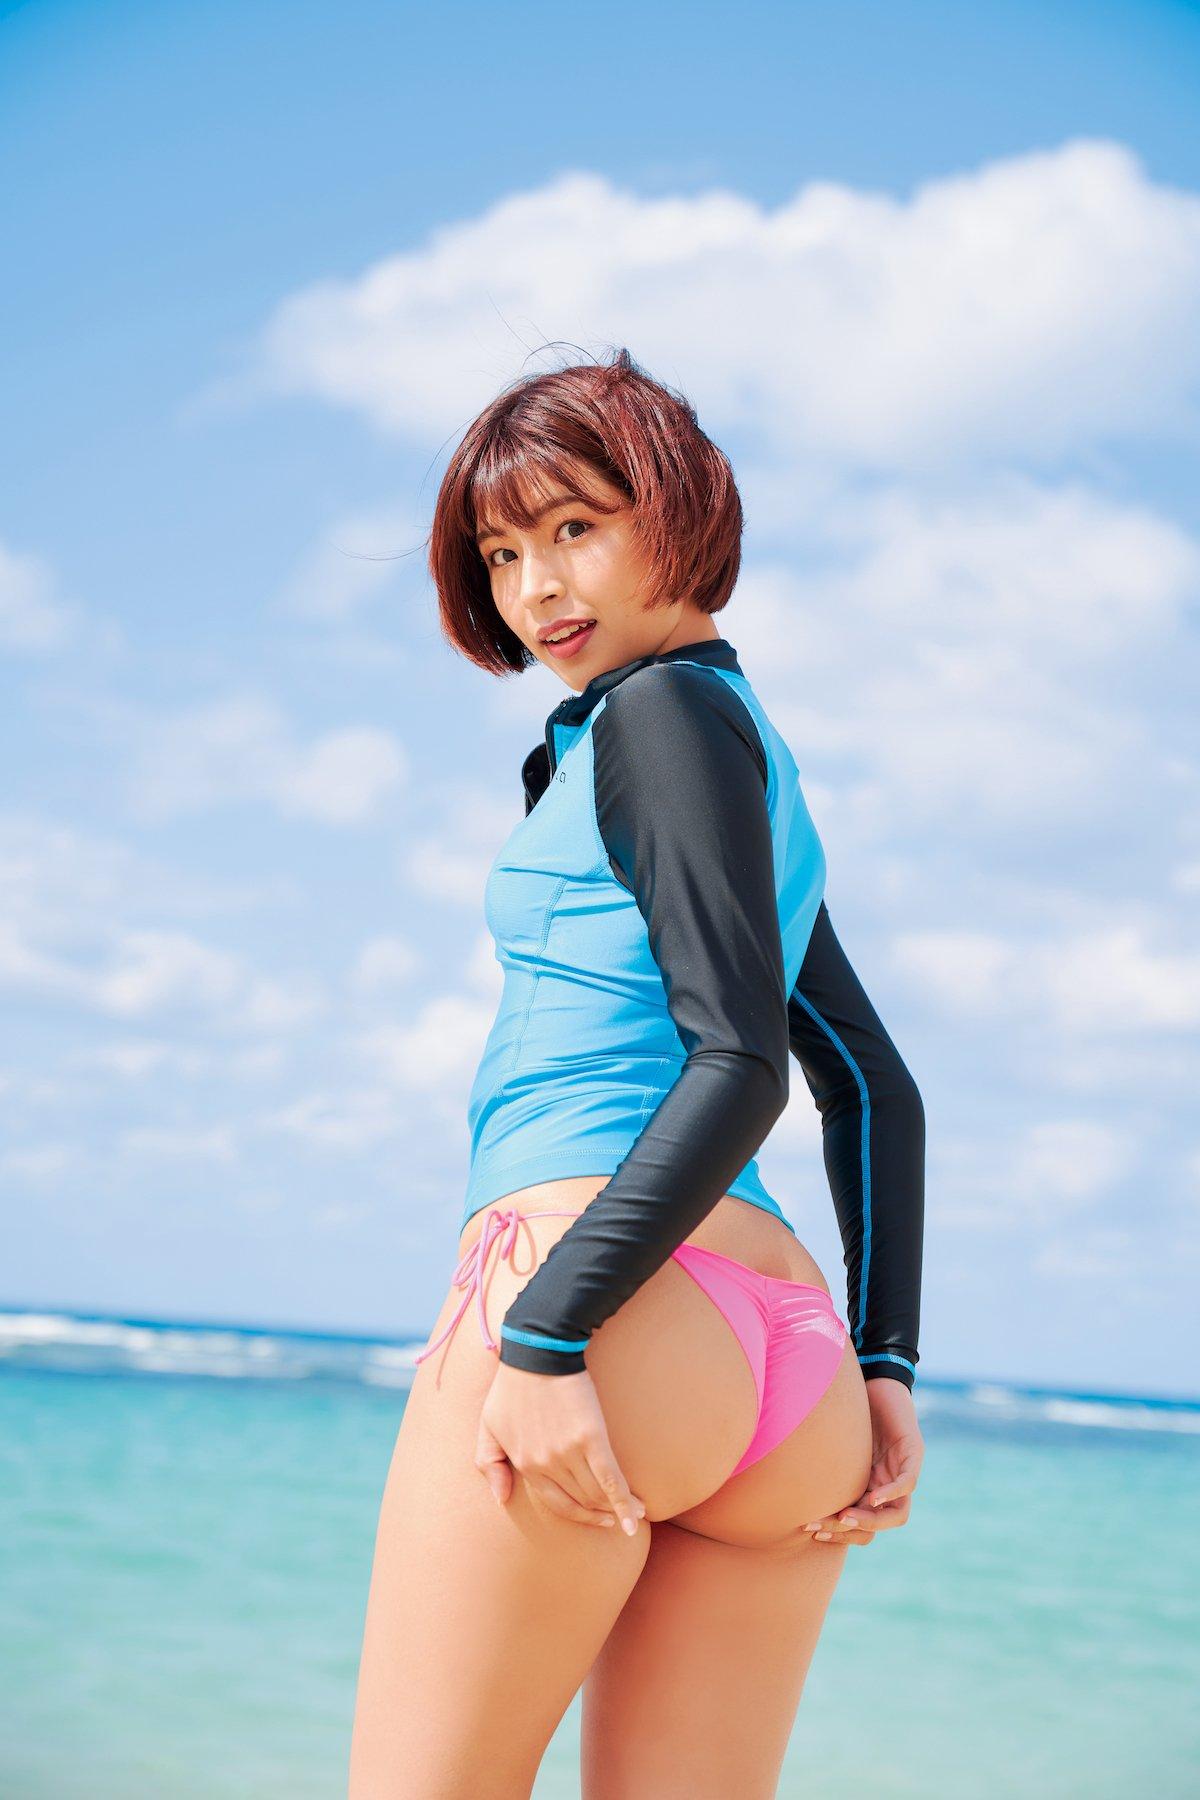 藤井マリー「ドえらいデカ尻」魅惑のメートル級ヒップは必見!【画像9枚】の画像008